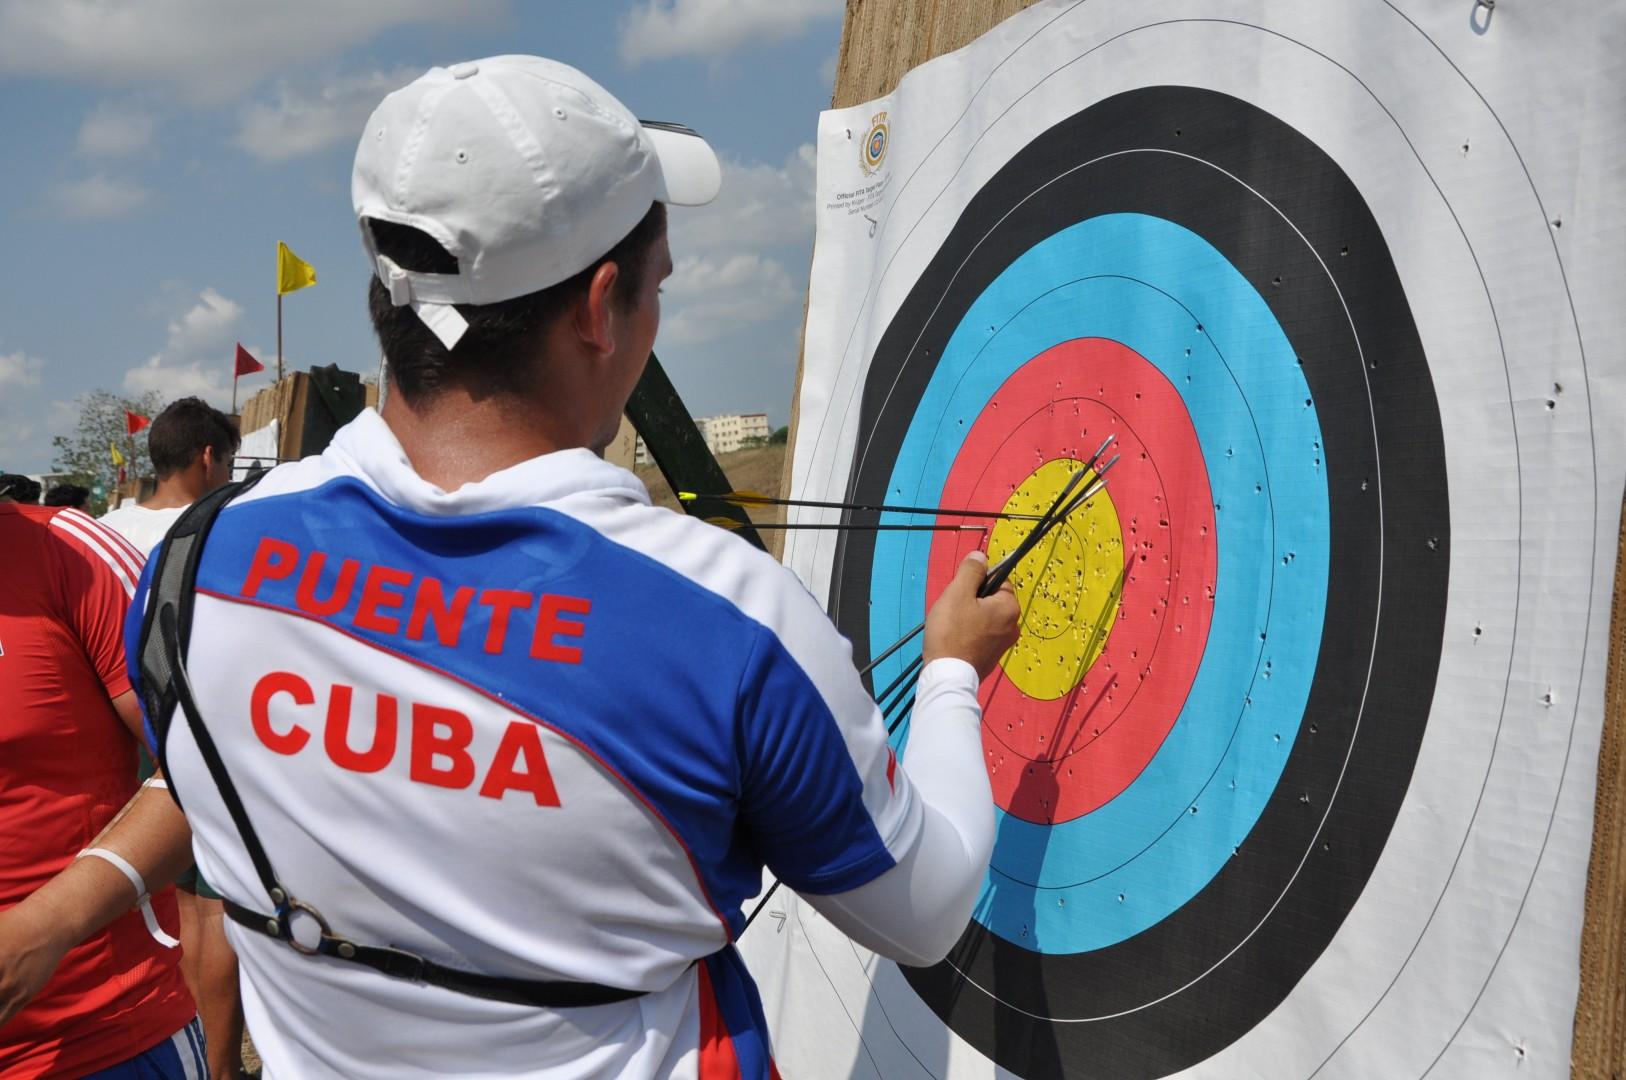 Adrián confirmó sentirse bien y estar preparado para la justa donde tomarán parte concursantes de 17 países.